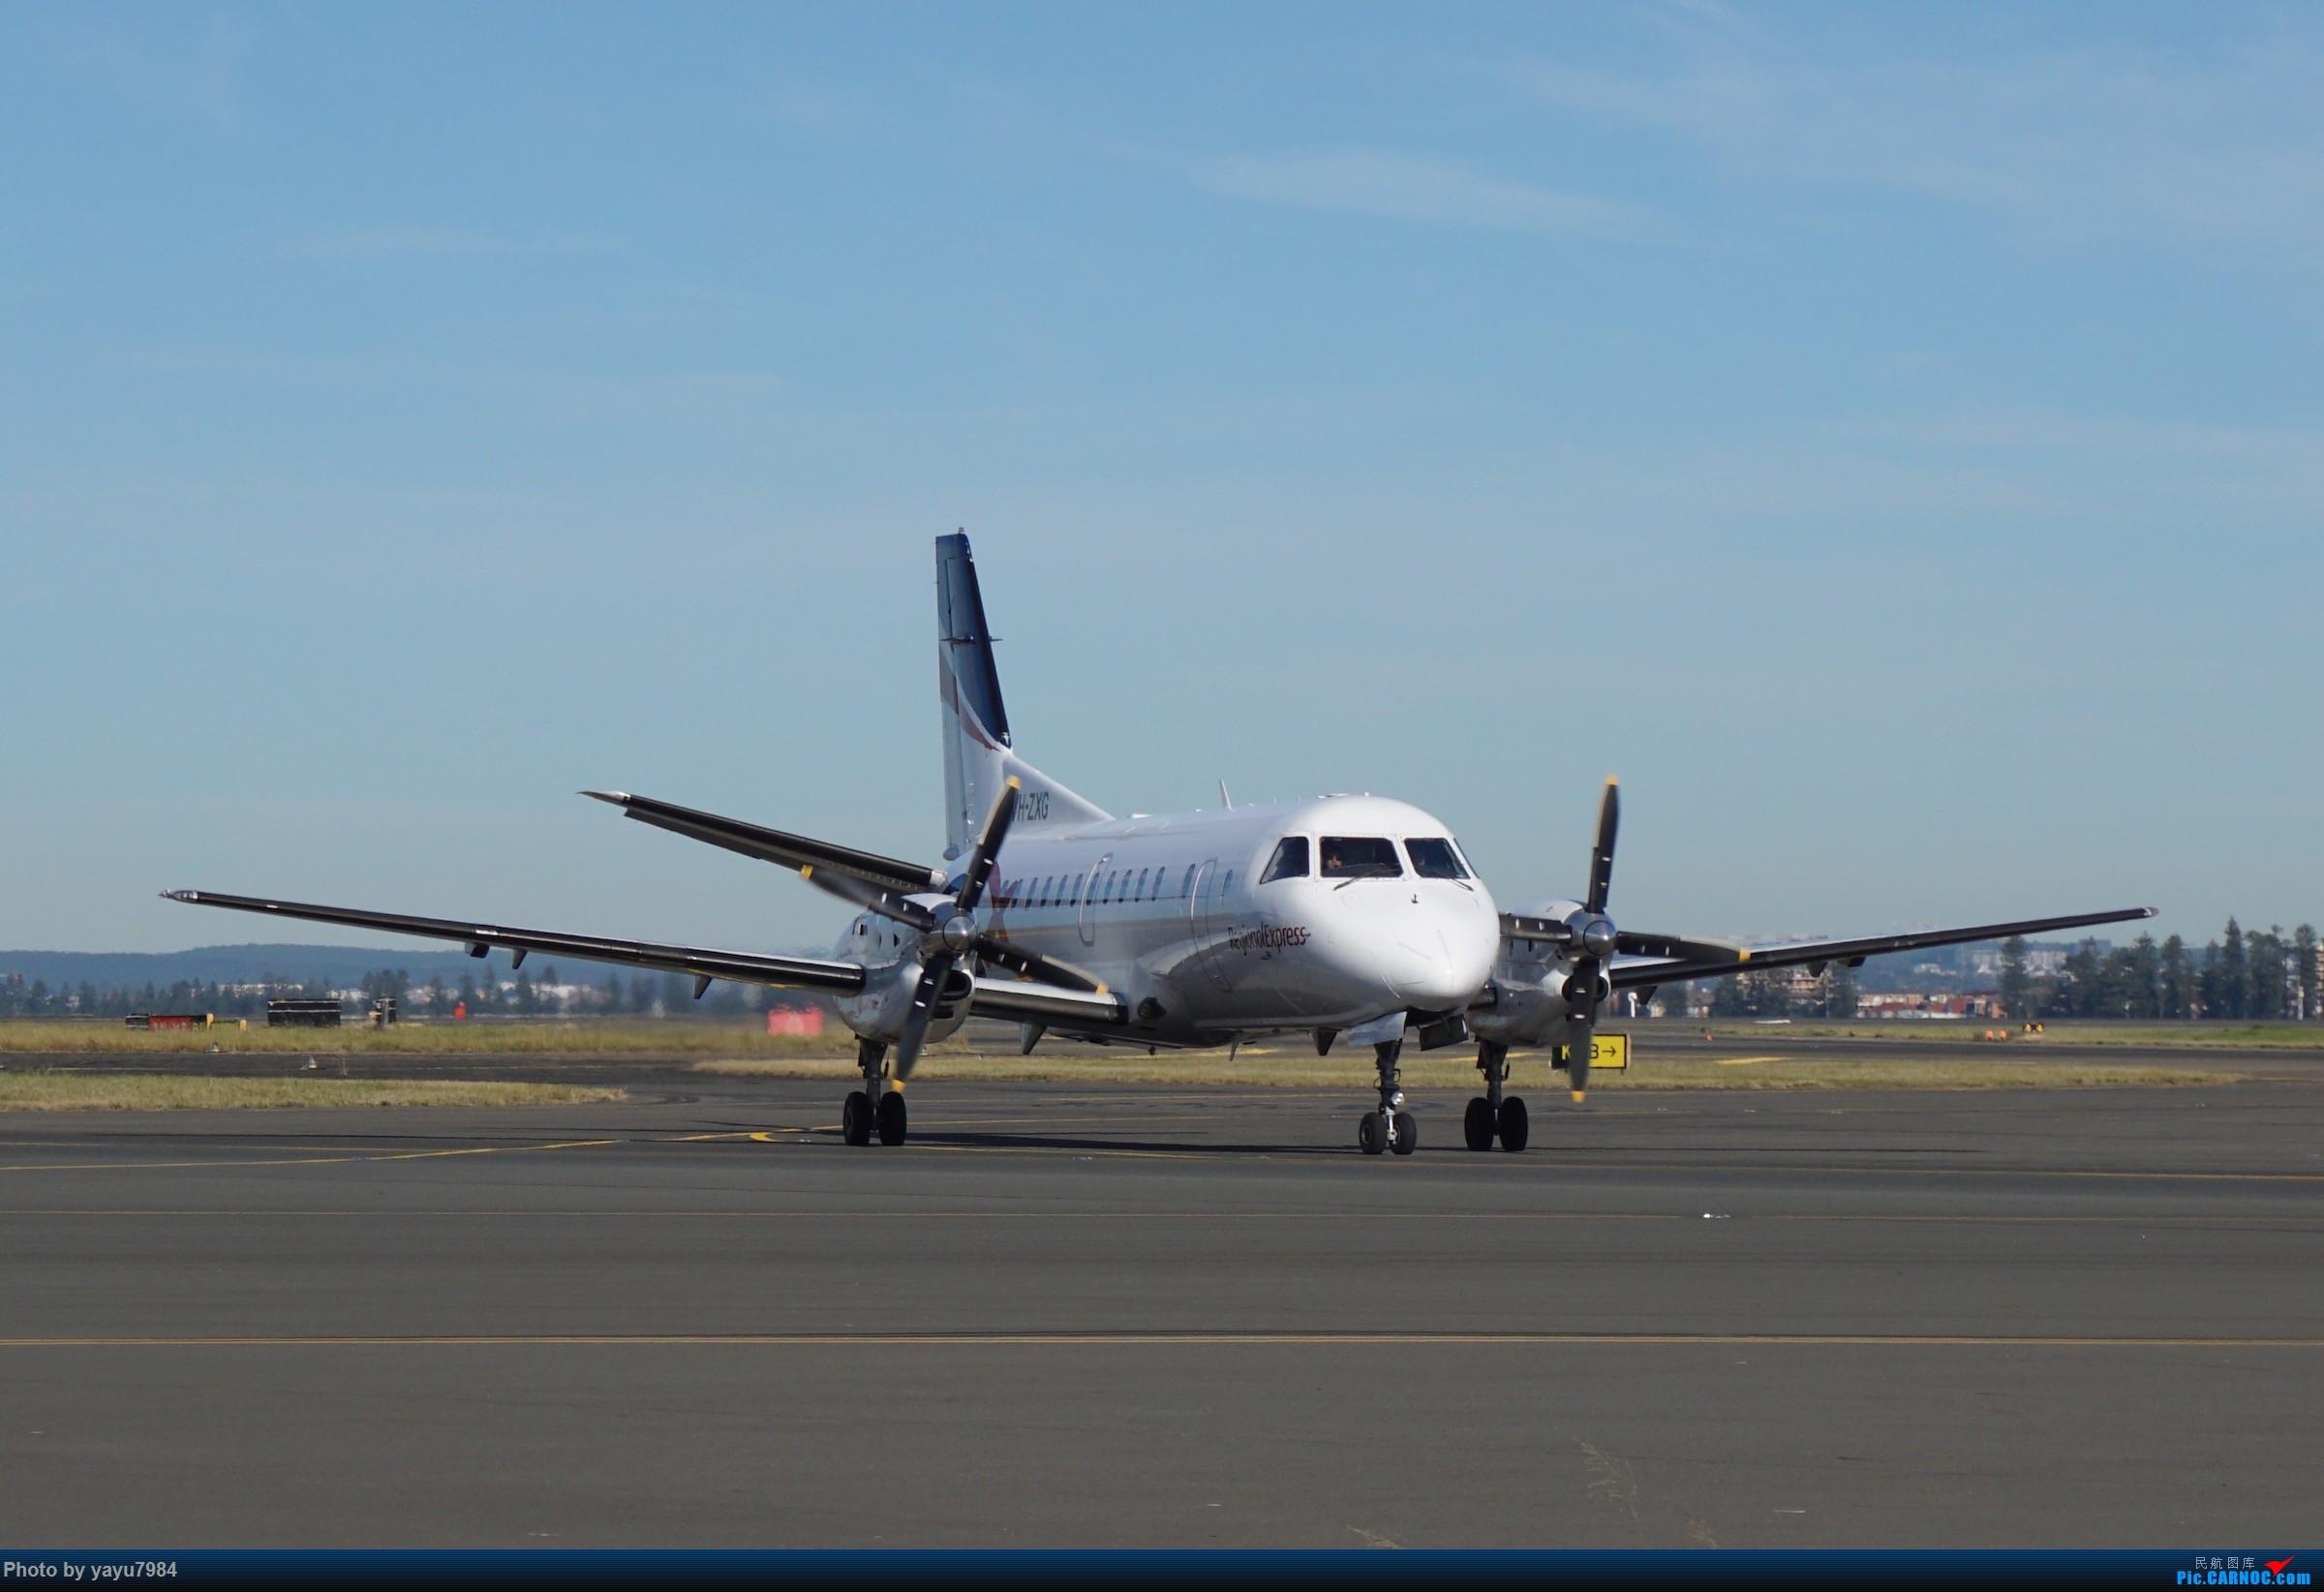 Re:[原创][SYD] 晨悉尼,Blu Emu停车场里拍34L起飞以及滑行 SAAB 340 VH-ZXG 澳大利亚悉尼金斯福德·史密斯机场